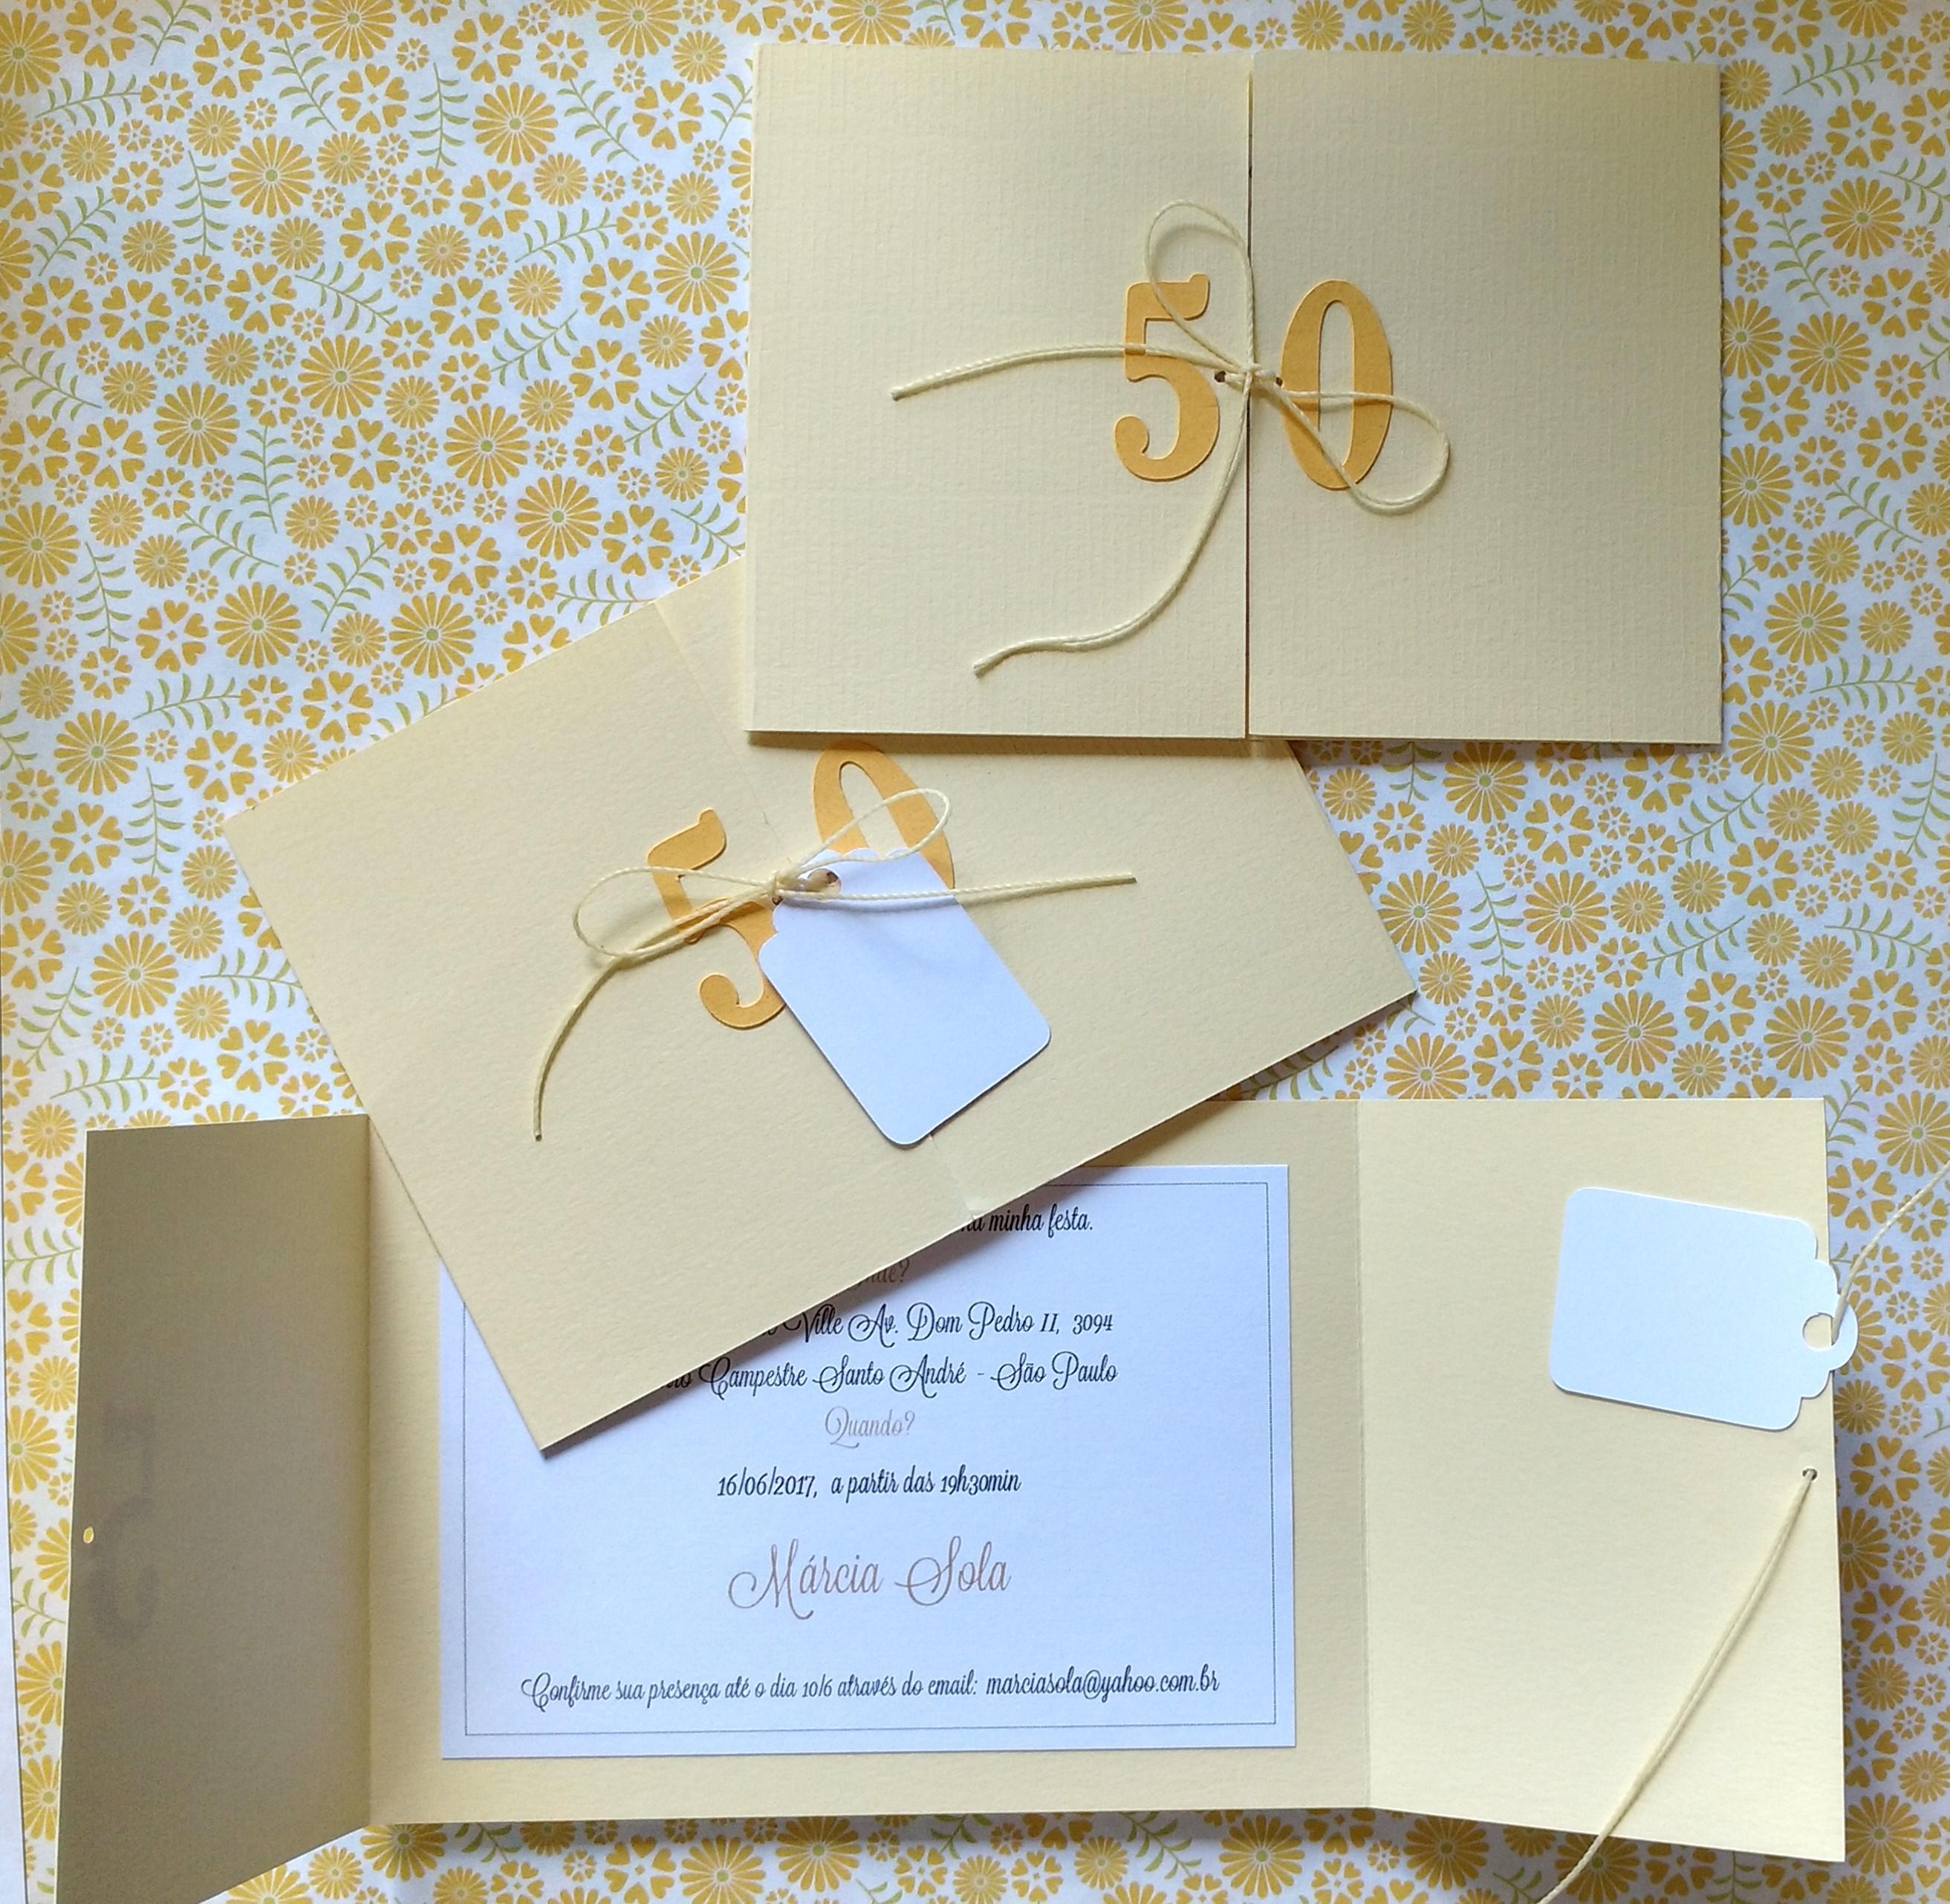 Convite De Aniversario 50 Anos Para Imprimir Elo7